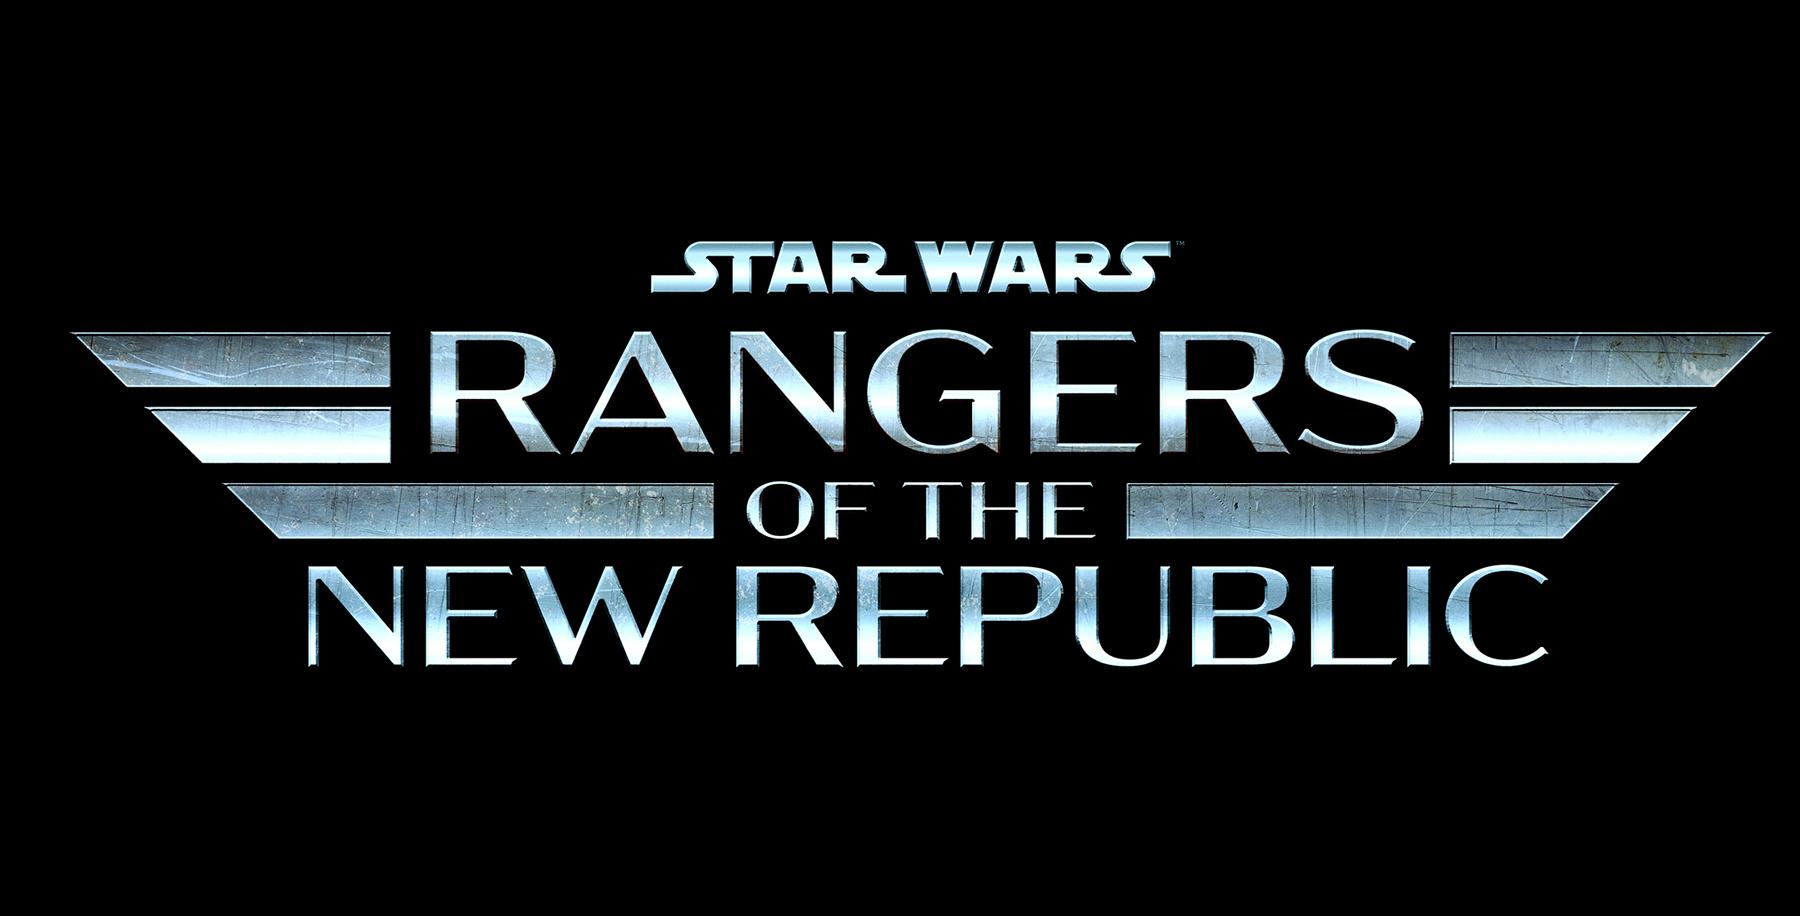 Un aperçu de la liste des nouvelles séries et fonctionnalités Star Wars et Alien de Disney à venir sur les écrans de télévision et de cinéma.